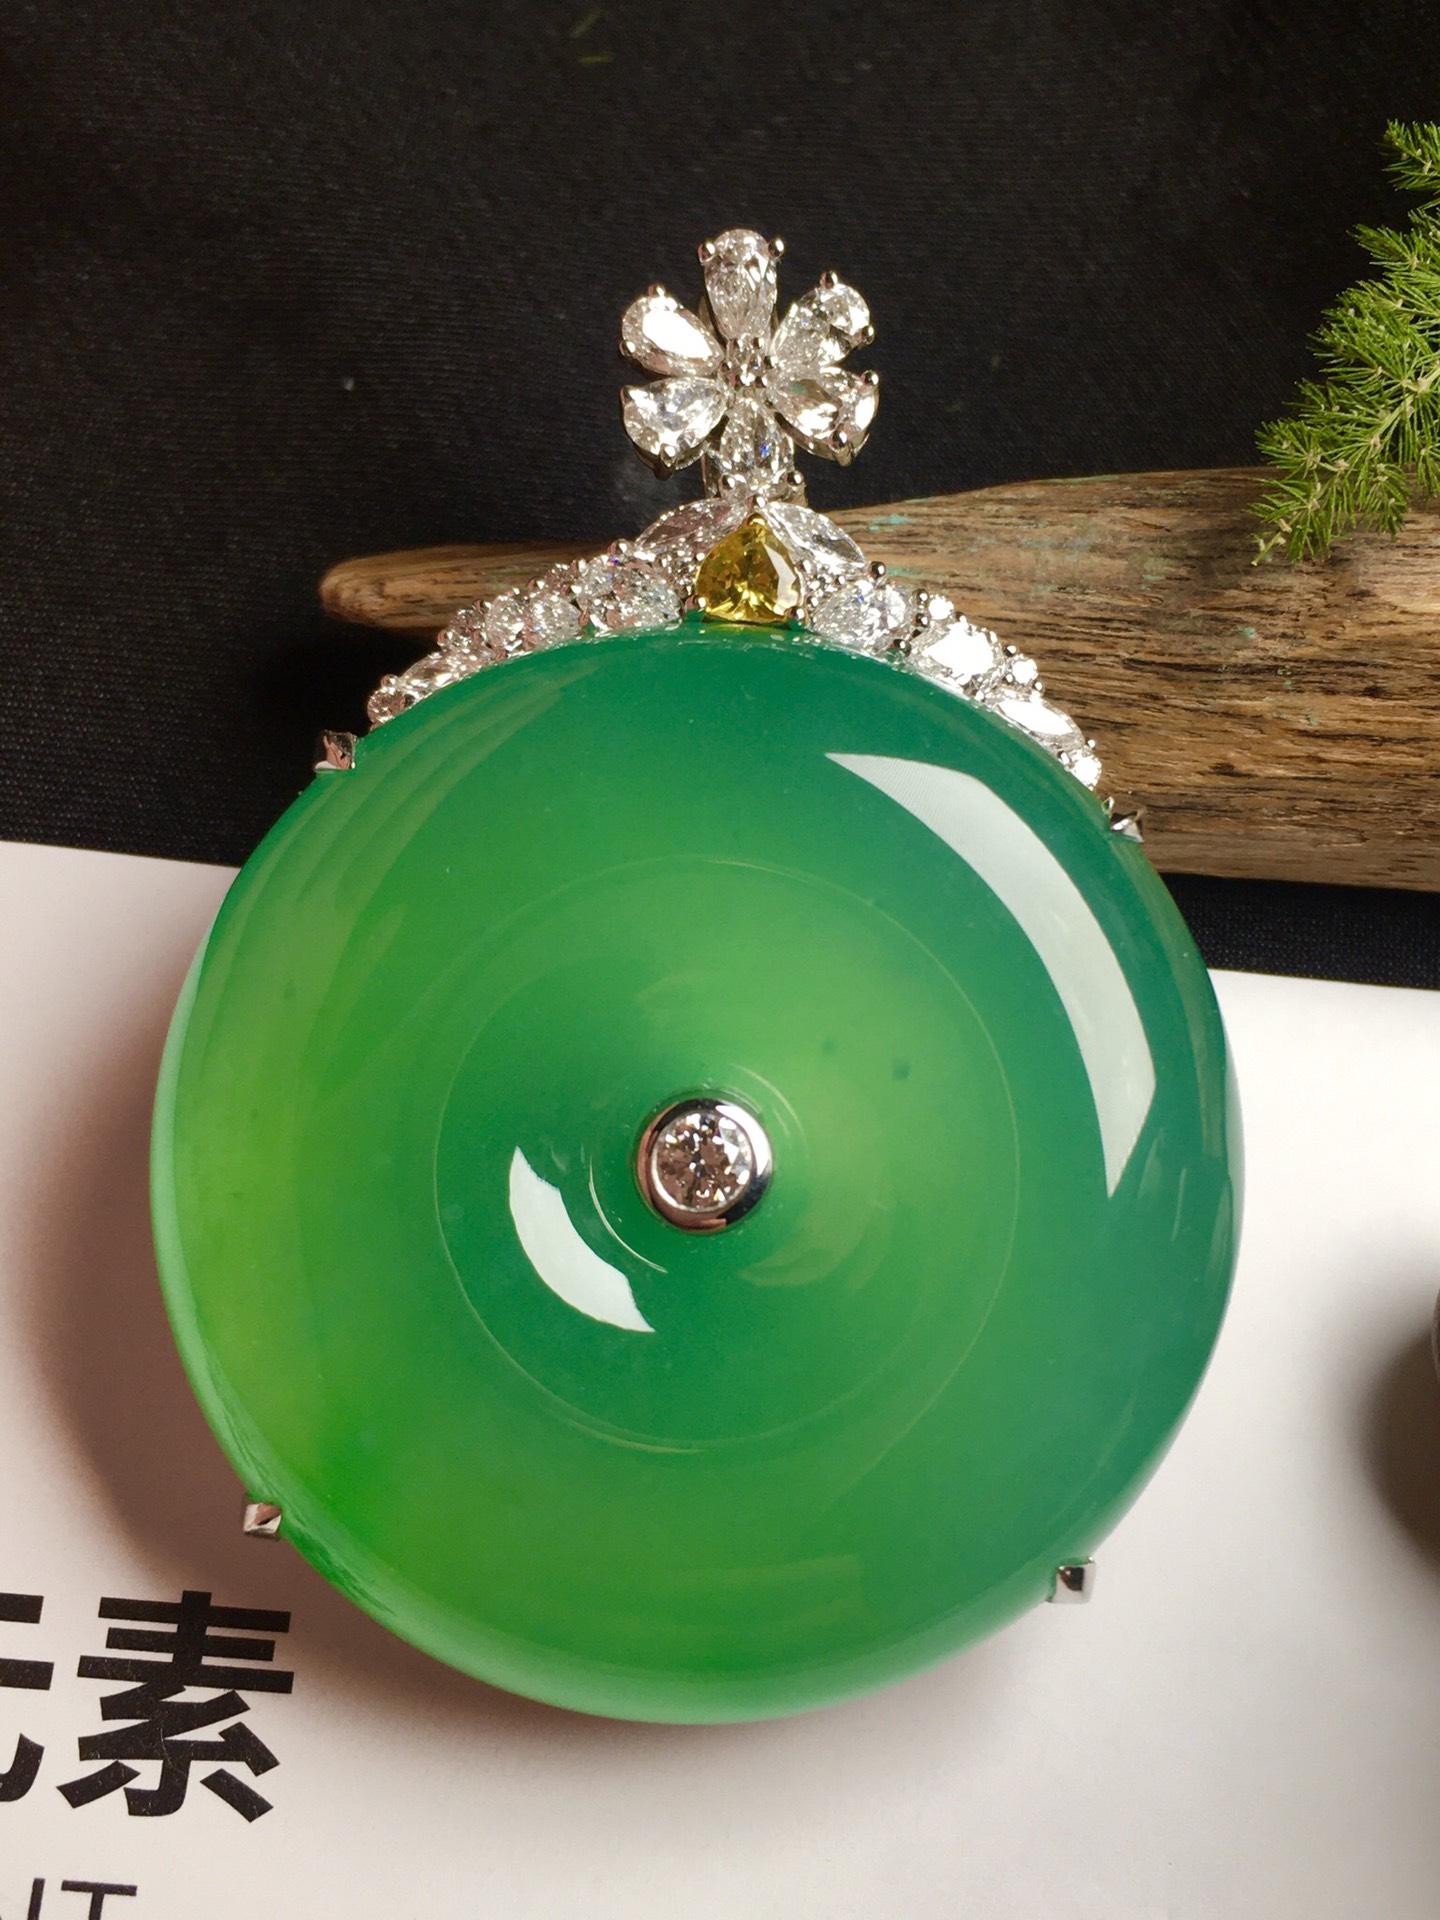 价:【平安扣,冰正阳绿】通透,润水细腻,完美,18k金华奢钻镶石嵌☕第3张